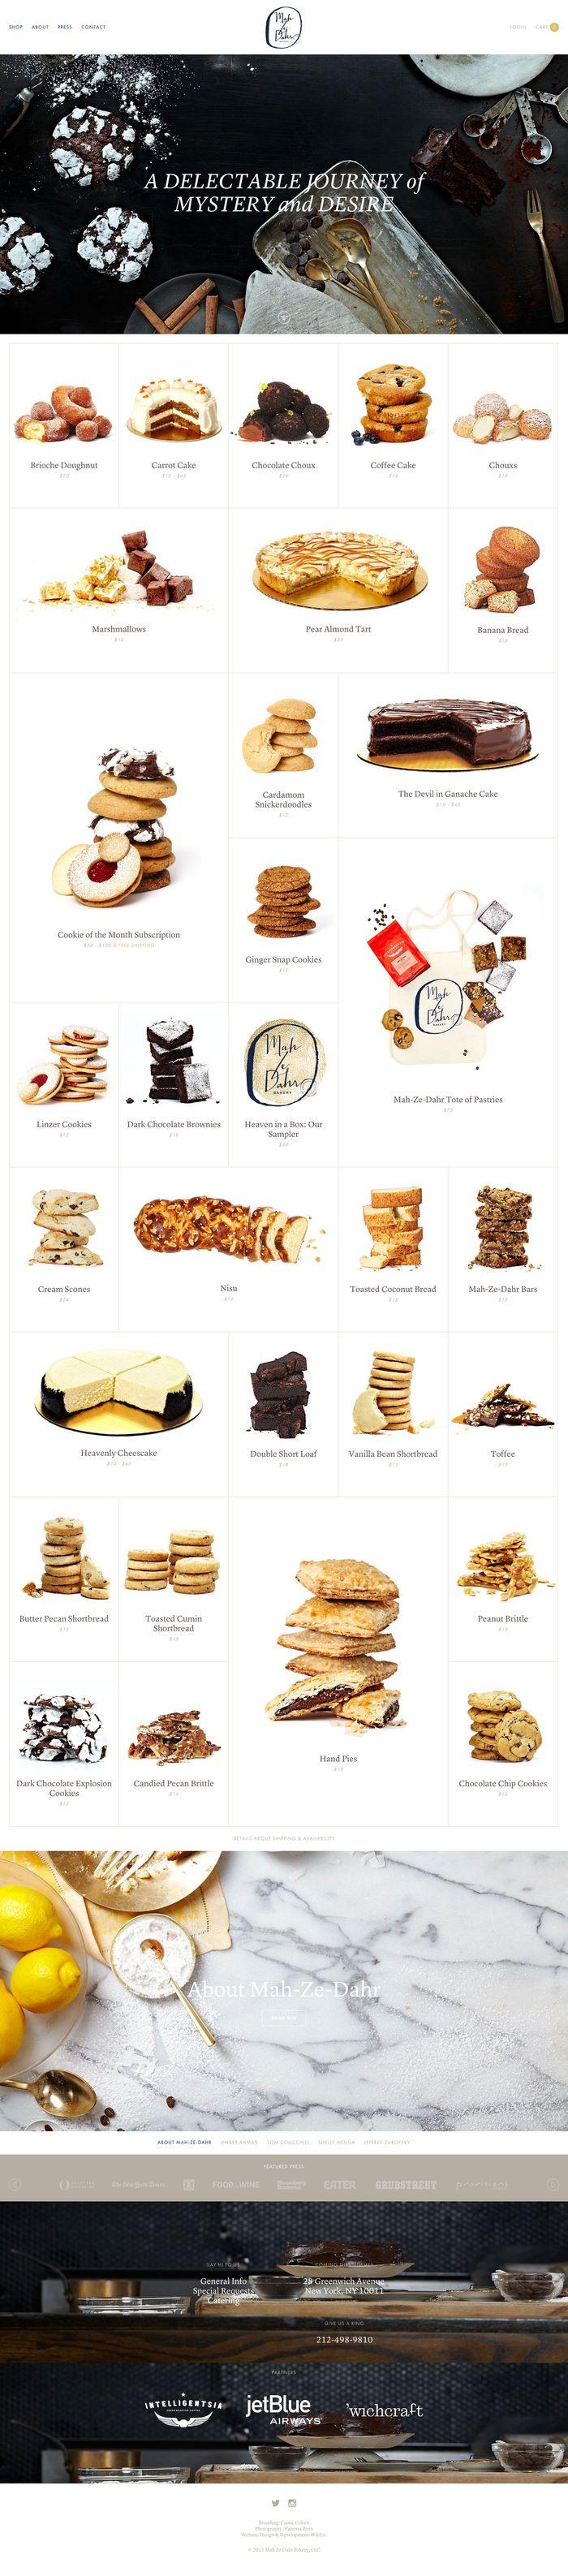 Mah Ze Dahr Bakery 1